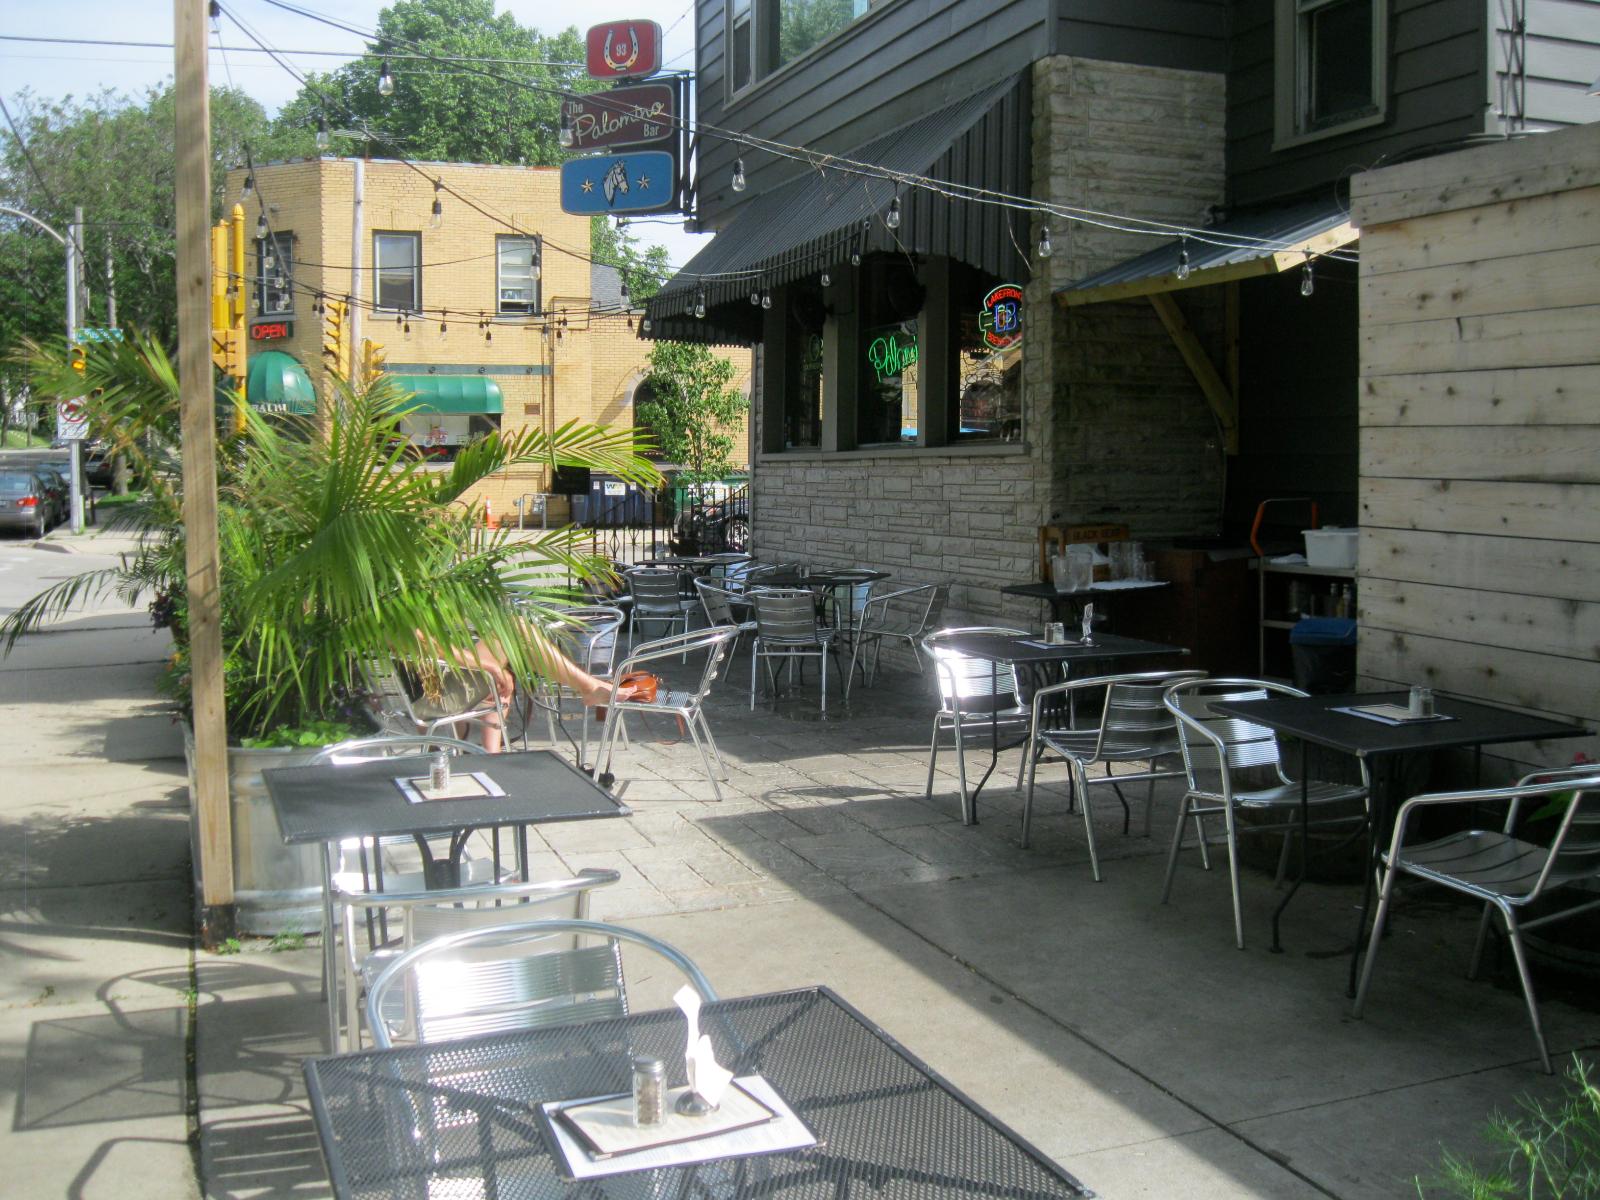 Palomino sidewalk seating.